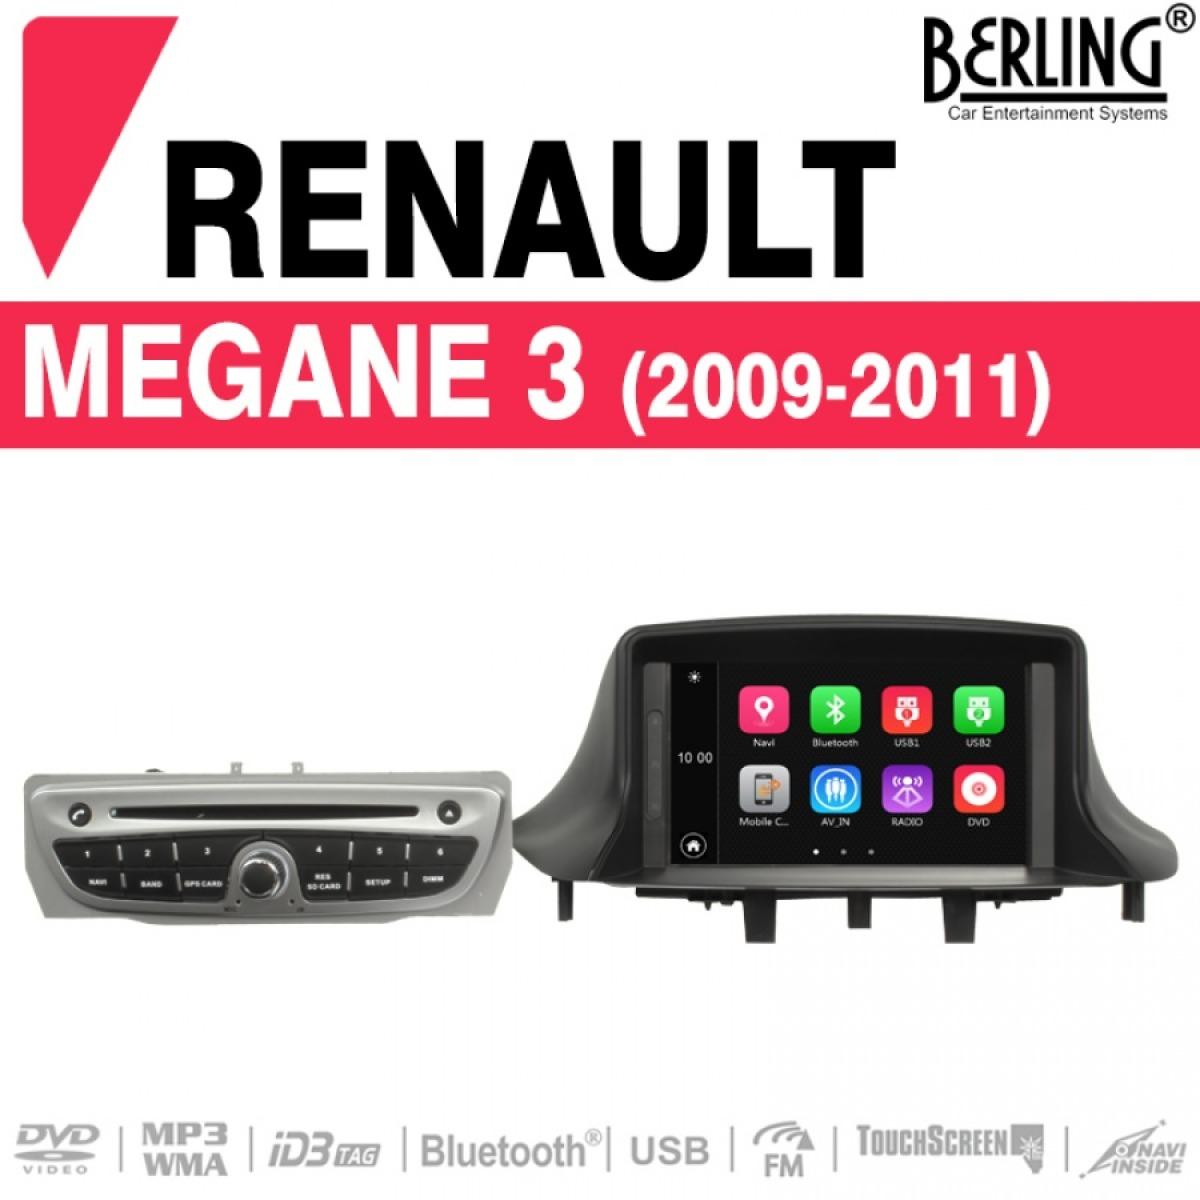 autoradio navigation f r renault megane 3 2009 2011 berling ts 1602s 5 megane car media. Black Bedroom Furniture Sets. Home Design Ideas